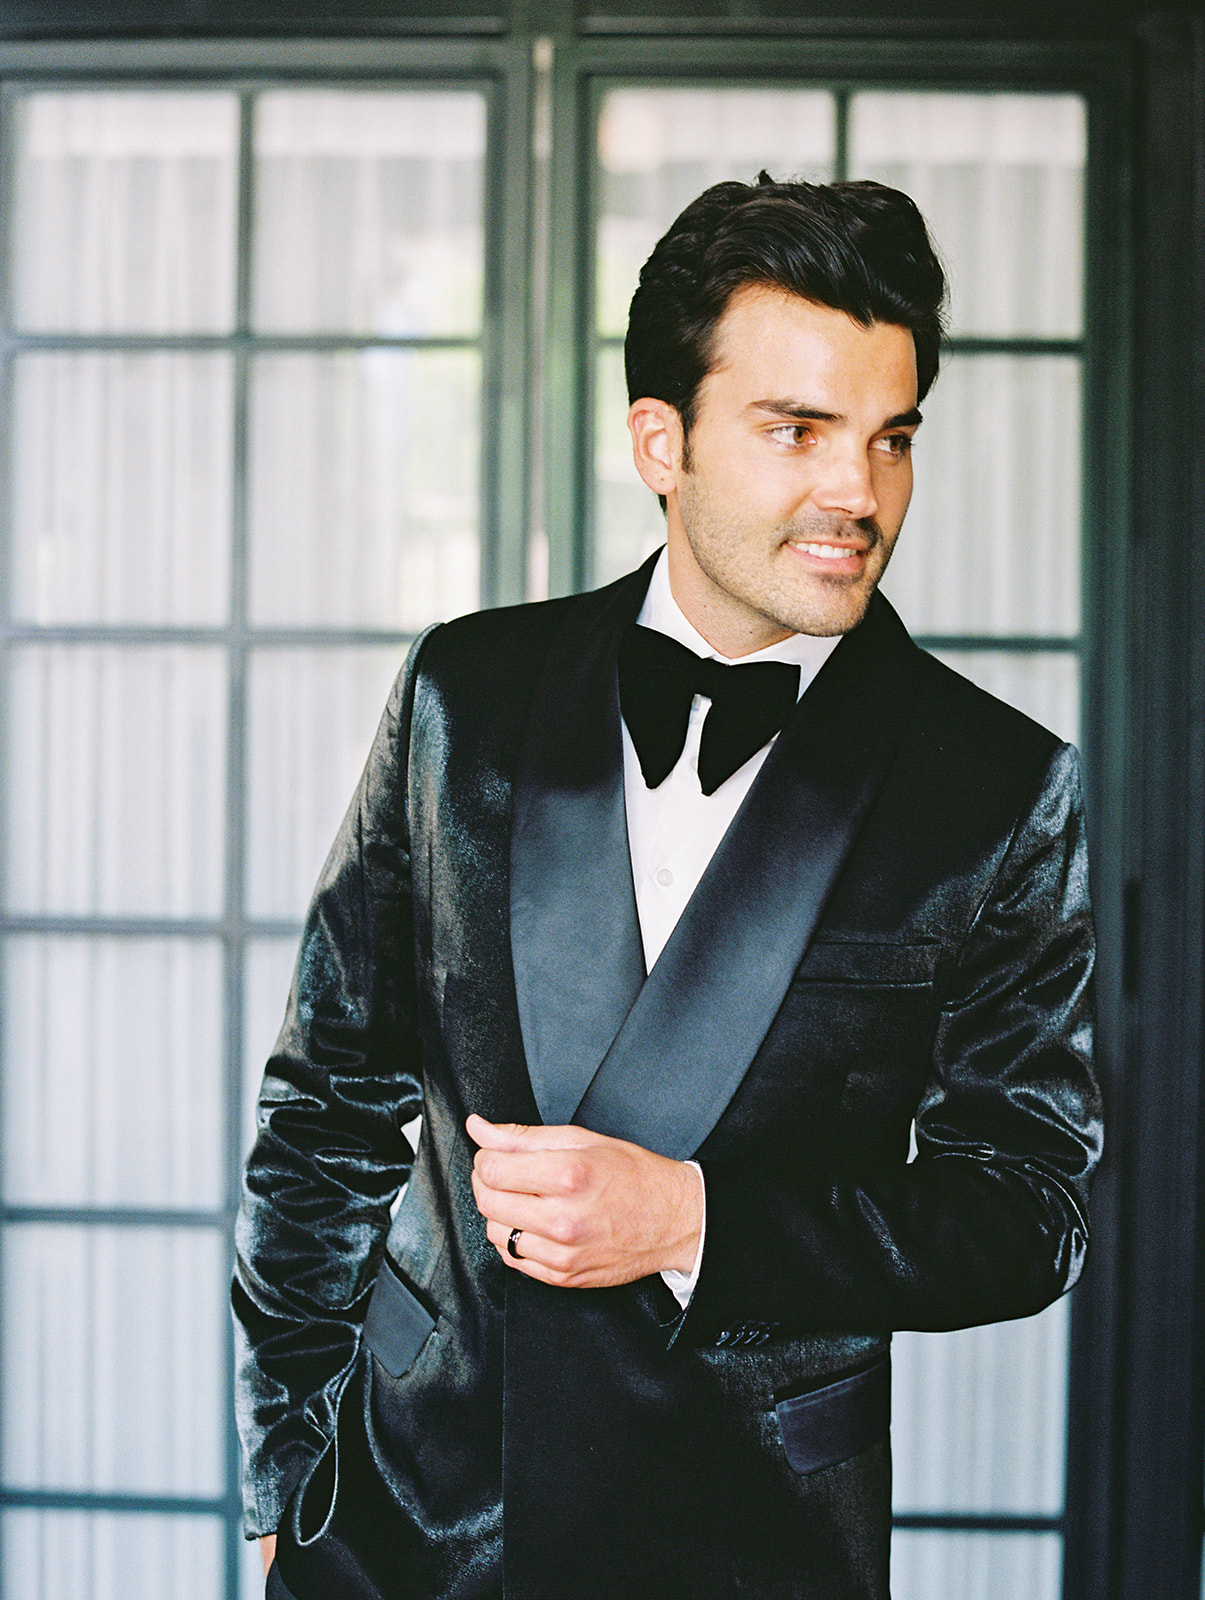 Don Morphy wedding tuxedo